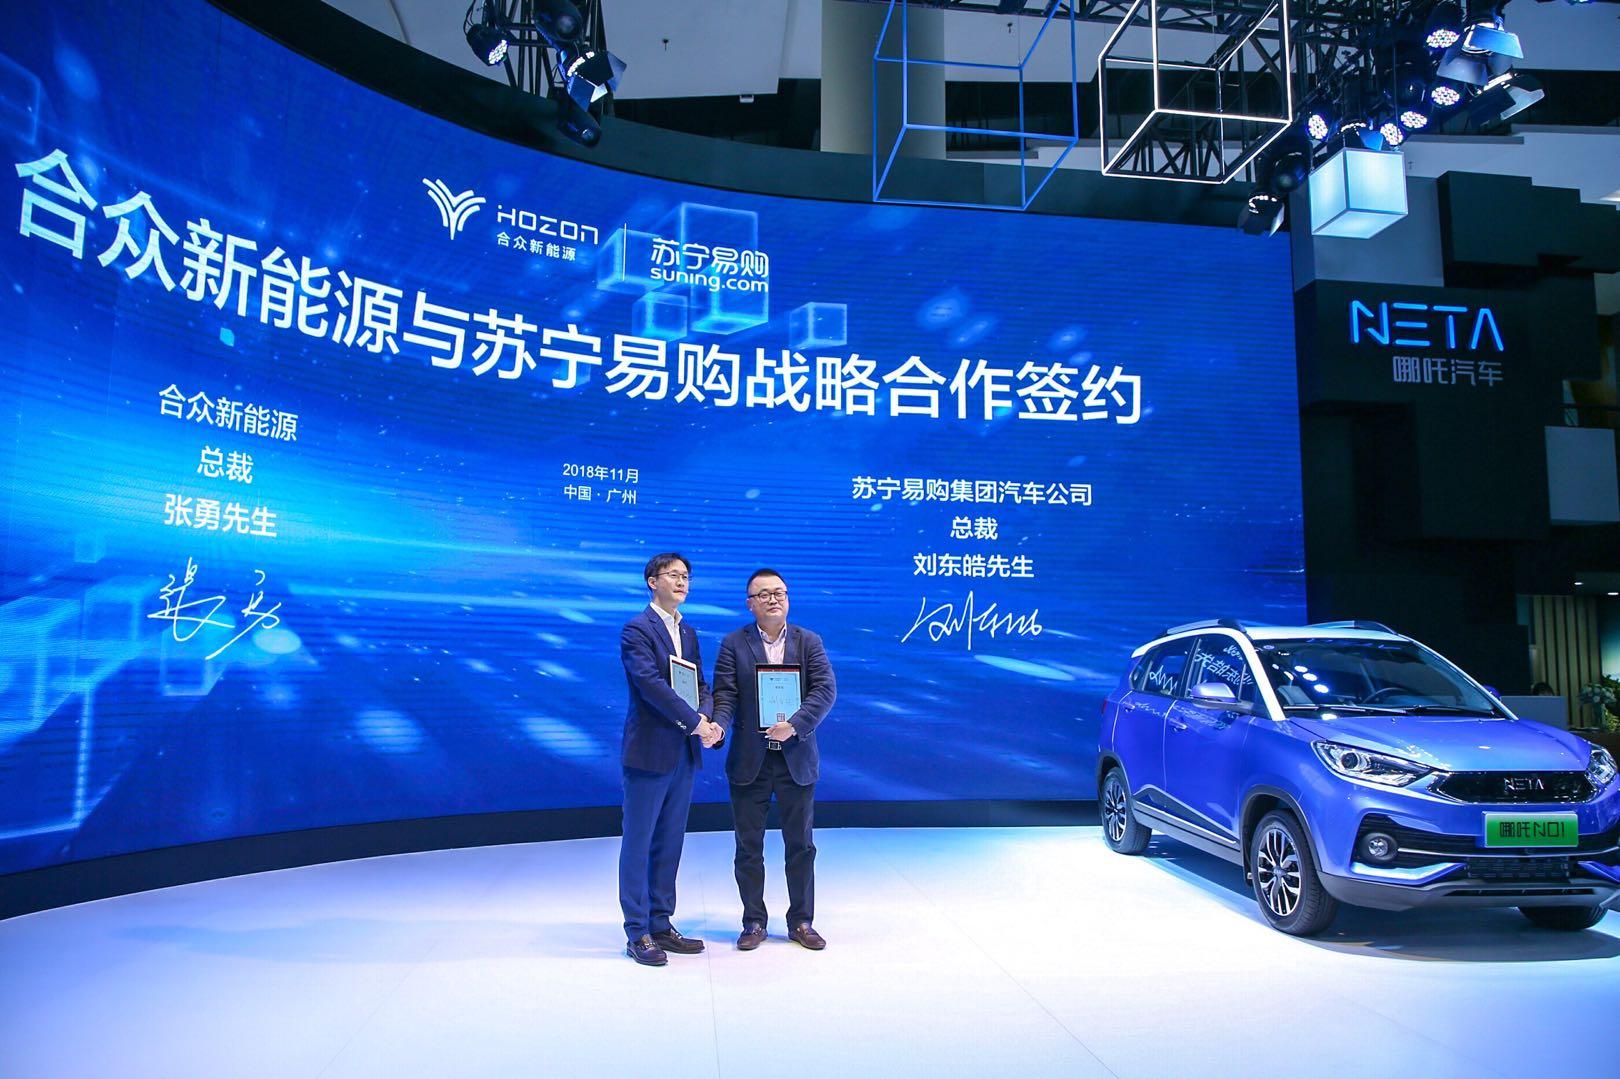 苏宁汽车牵手合众新能源,哪吒N01上线59800元起